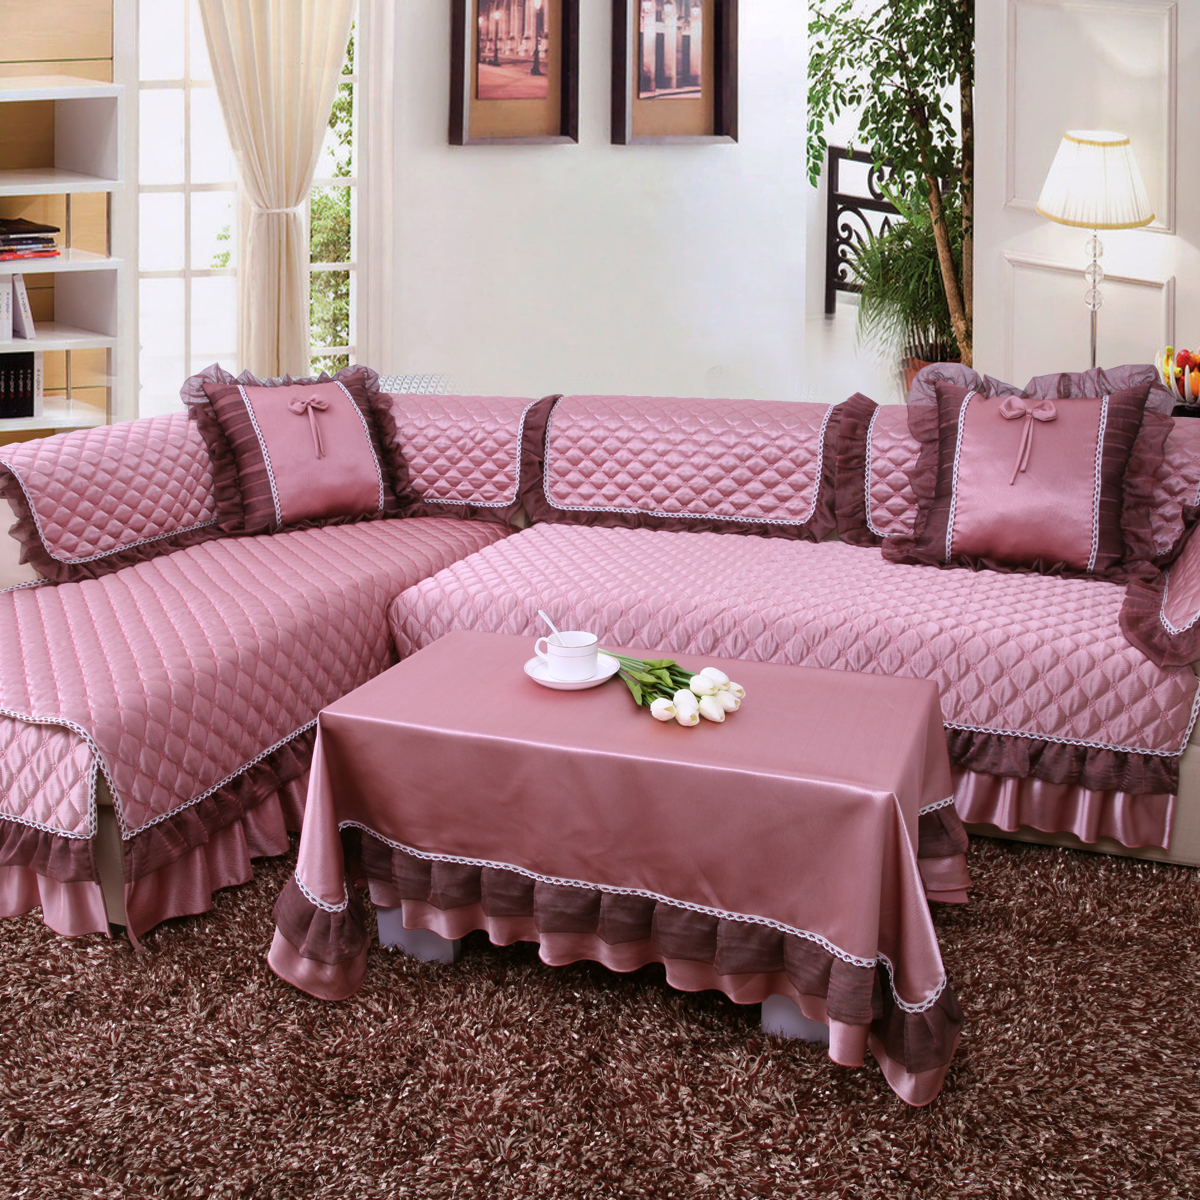 一朵布艺沙发垫